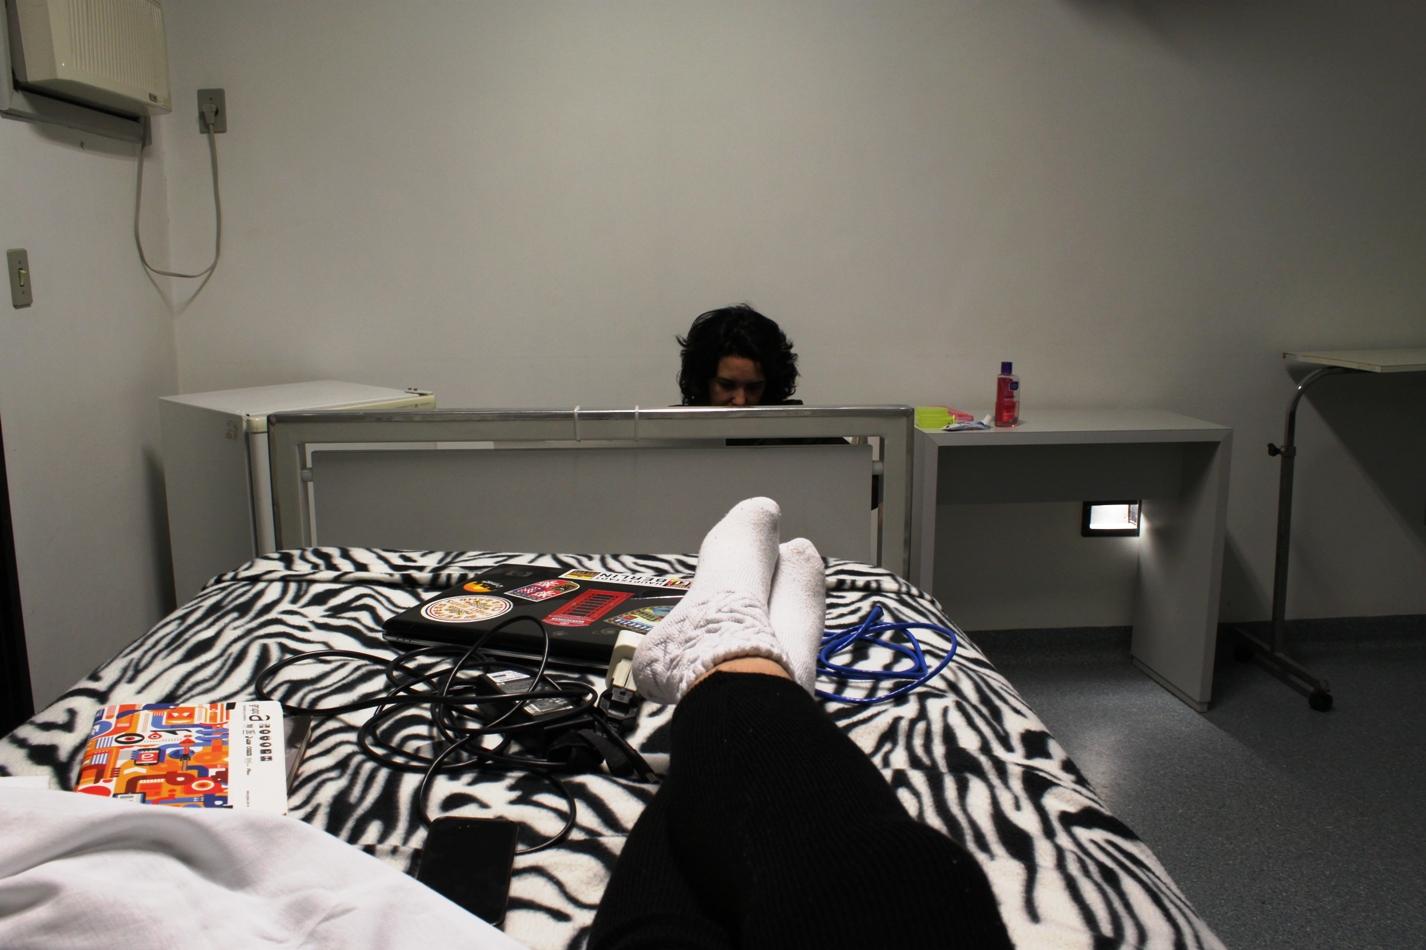 Finalmente instalada no quarto! Trouxe comigo uma colcha de zebrinha para me sentir em casa!